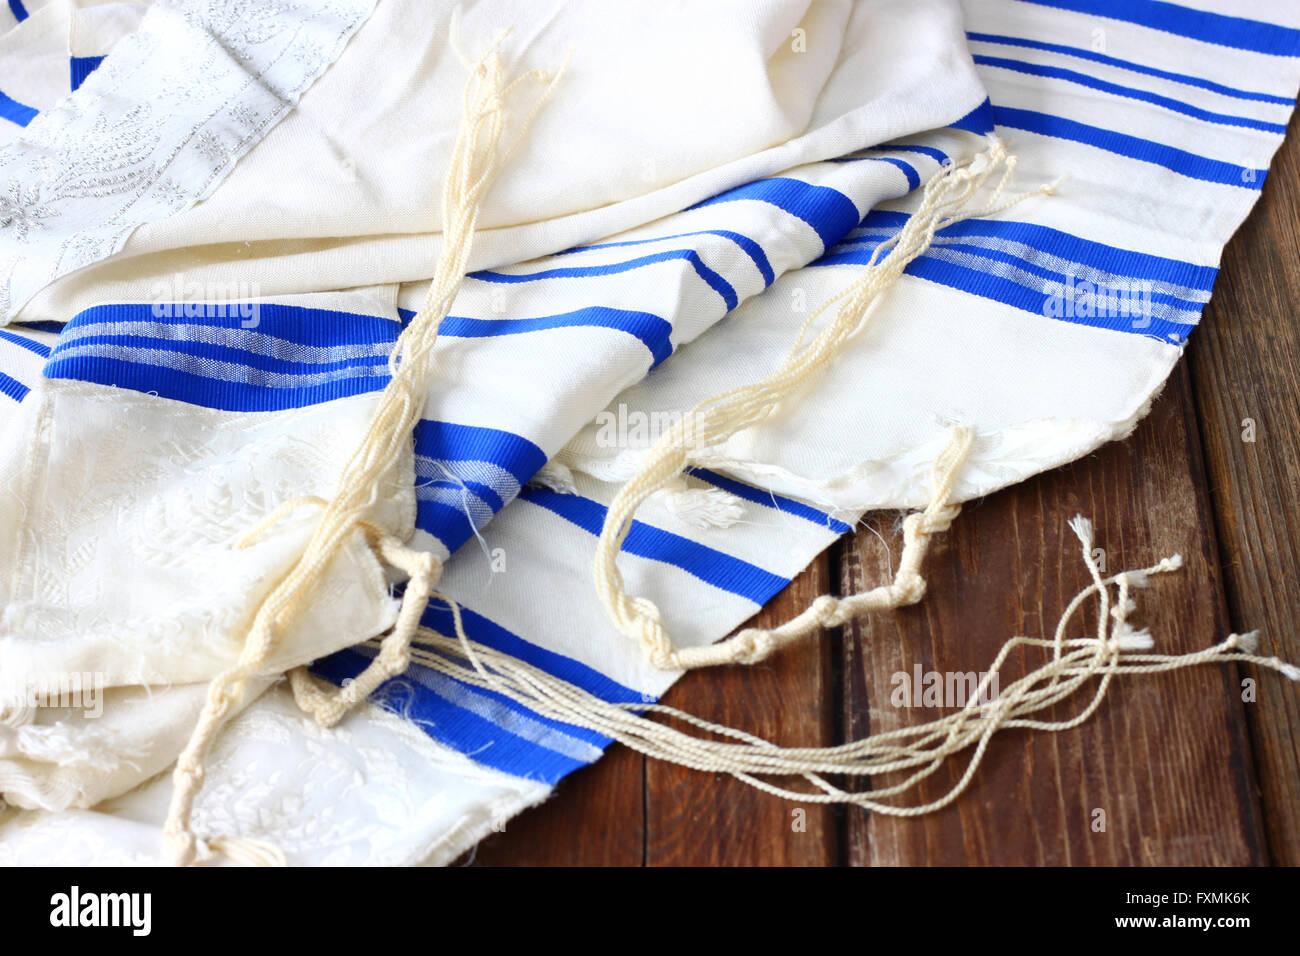 Scialle della preghiera ebraica Tallit simbolo religioso. Immagini Stock